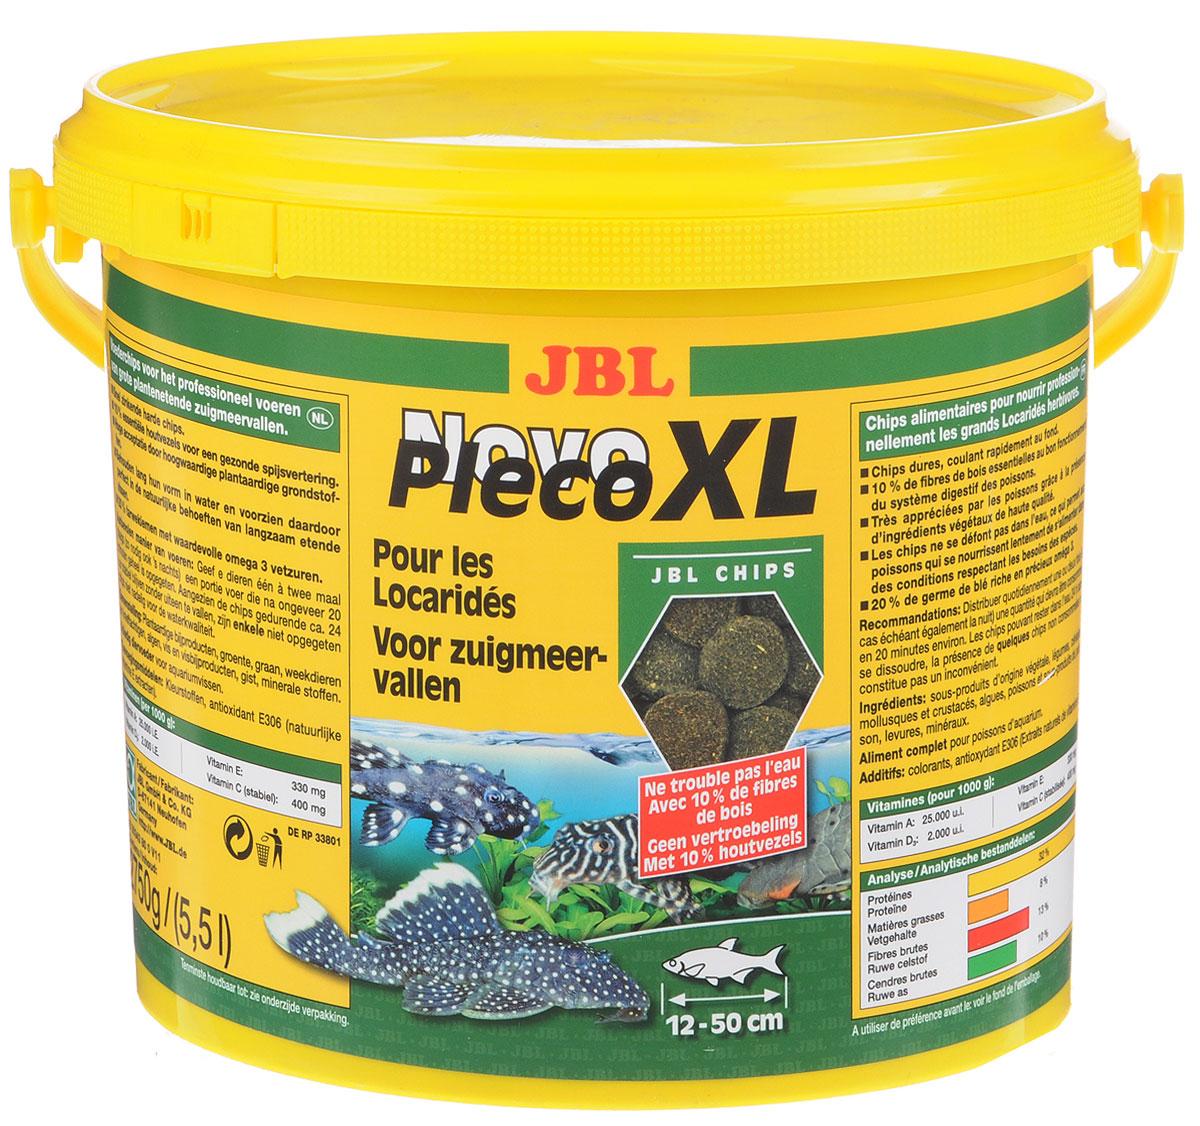 Корм JBL NovoPleco. XL для кольчужных сомов, водорослевые чипсы, 2,75 кг (5,5 л)JBL3034300Корм JBL NovoPleco. XL выполнен в форме чипсов, изготовленных по специальной технологии, состав которых и консистенция специально подобраны для кормления растительноядных кольчужных сомов (плекостомы, анциструсы) и других растительноядных донных рыб. Зародыши пшеницы, водоросль-спирулина, большой процент растительных веществ и 10% доля древесного волокна обеспечивают правильное питание. Быстро погружающиеся в воду чипсы сразу ложатся на дно аквариума в зону досягаемости для его донных обитателей. Не размокающие в воде чипсы дают медленно питающимся обитателям придонной зоны аквариума достаточно времени для поглощения корма, а вода в аквариуме остается чистой. Стабилизированный витамин С и другие важные витамины укрепляют иммунитет. Идеальный размер корма для рыб от 12 до 50 см.Товар сертифицирован.